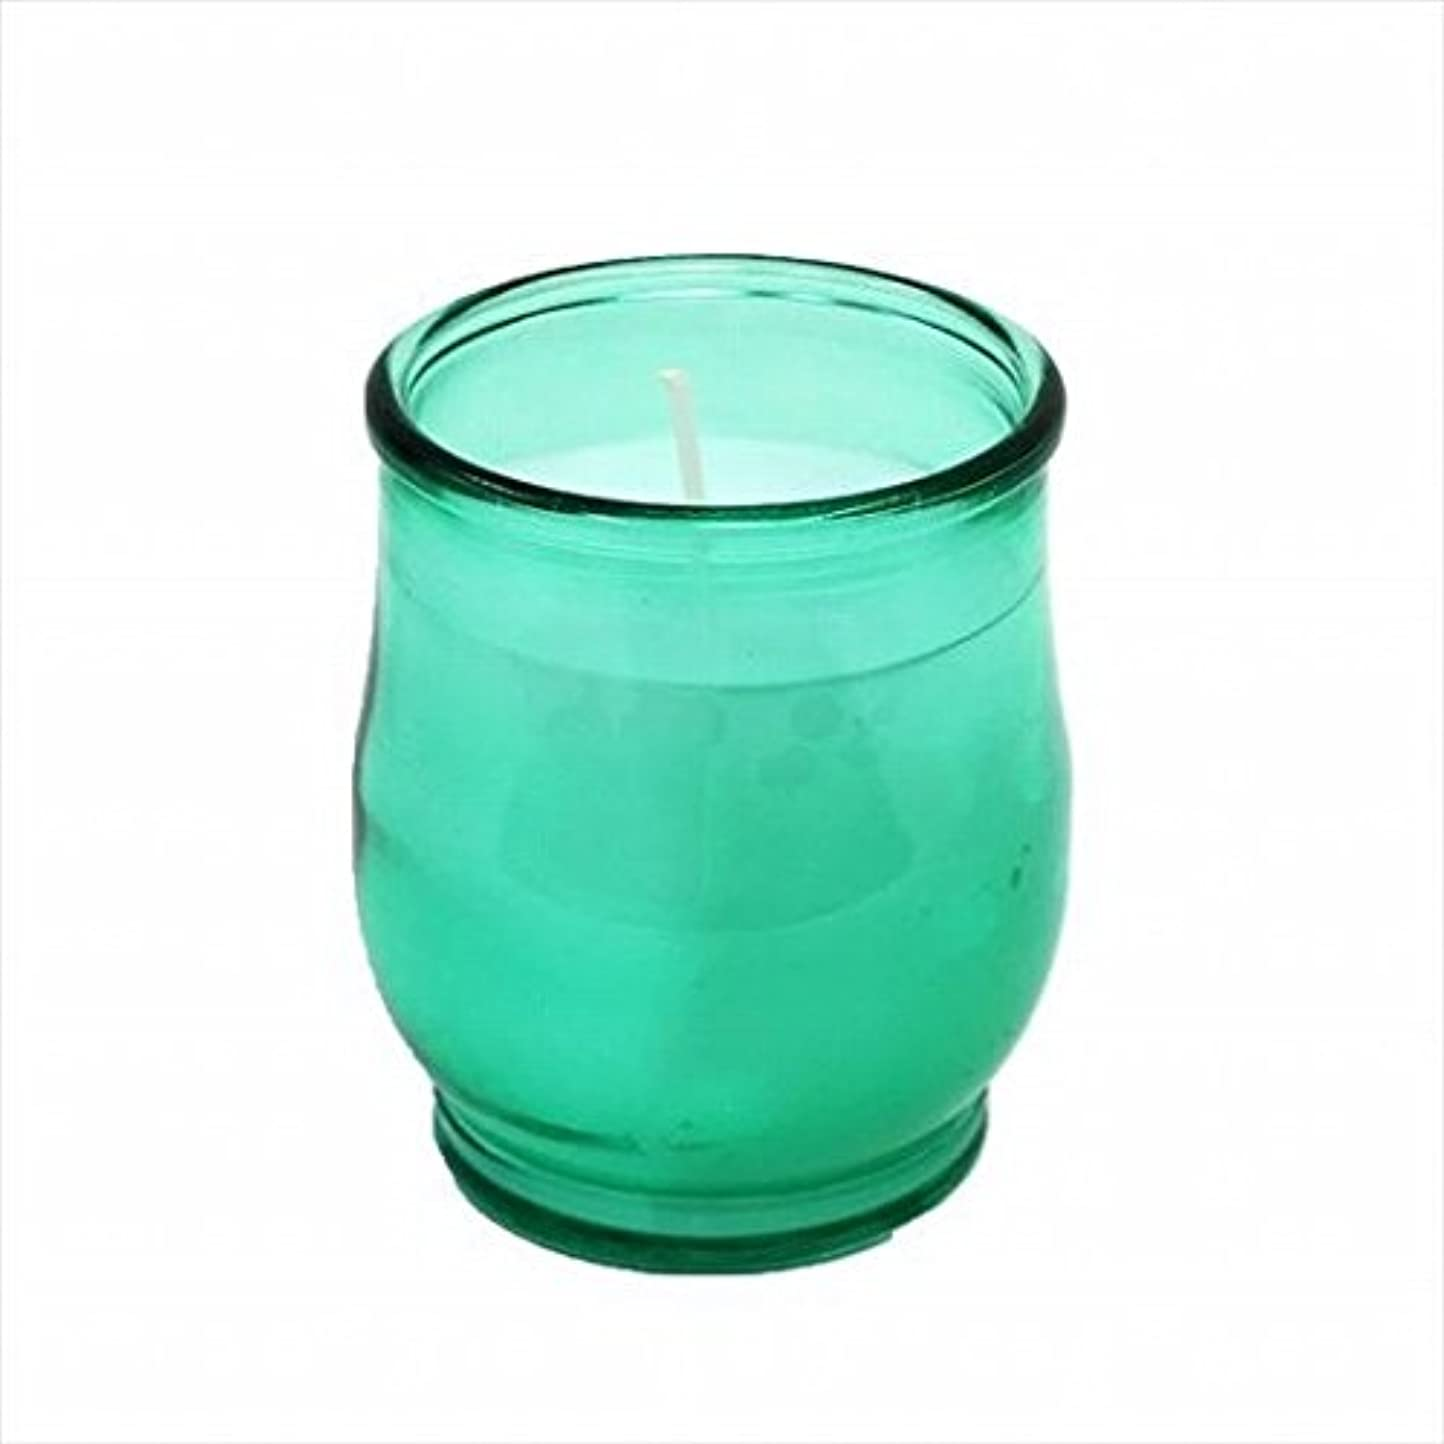 コック懐シャッフルkameyama candle(カメヤマキャンドル) ポシェ(非常用コップローソク) 「 グリーン(ライトカラー) 」 キャンドル 68x68x80mm (73020030G)